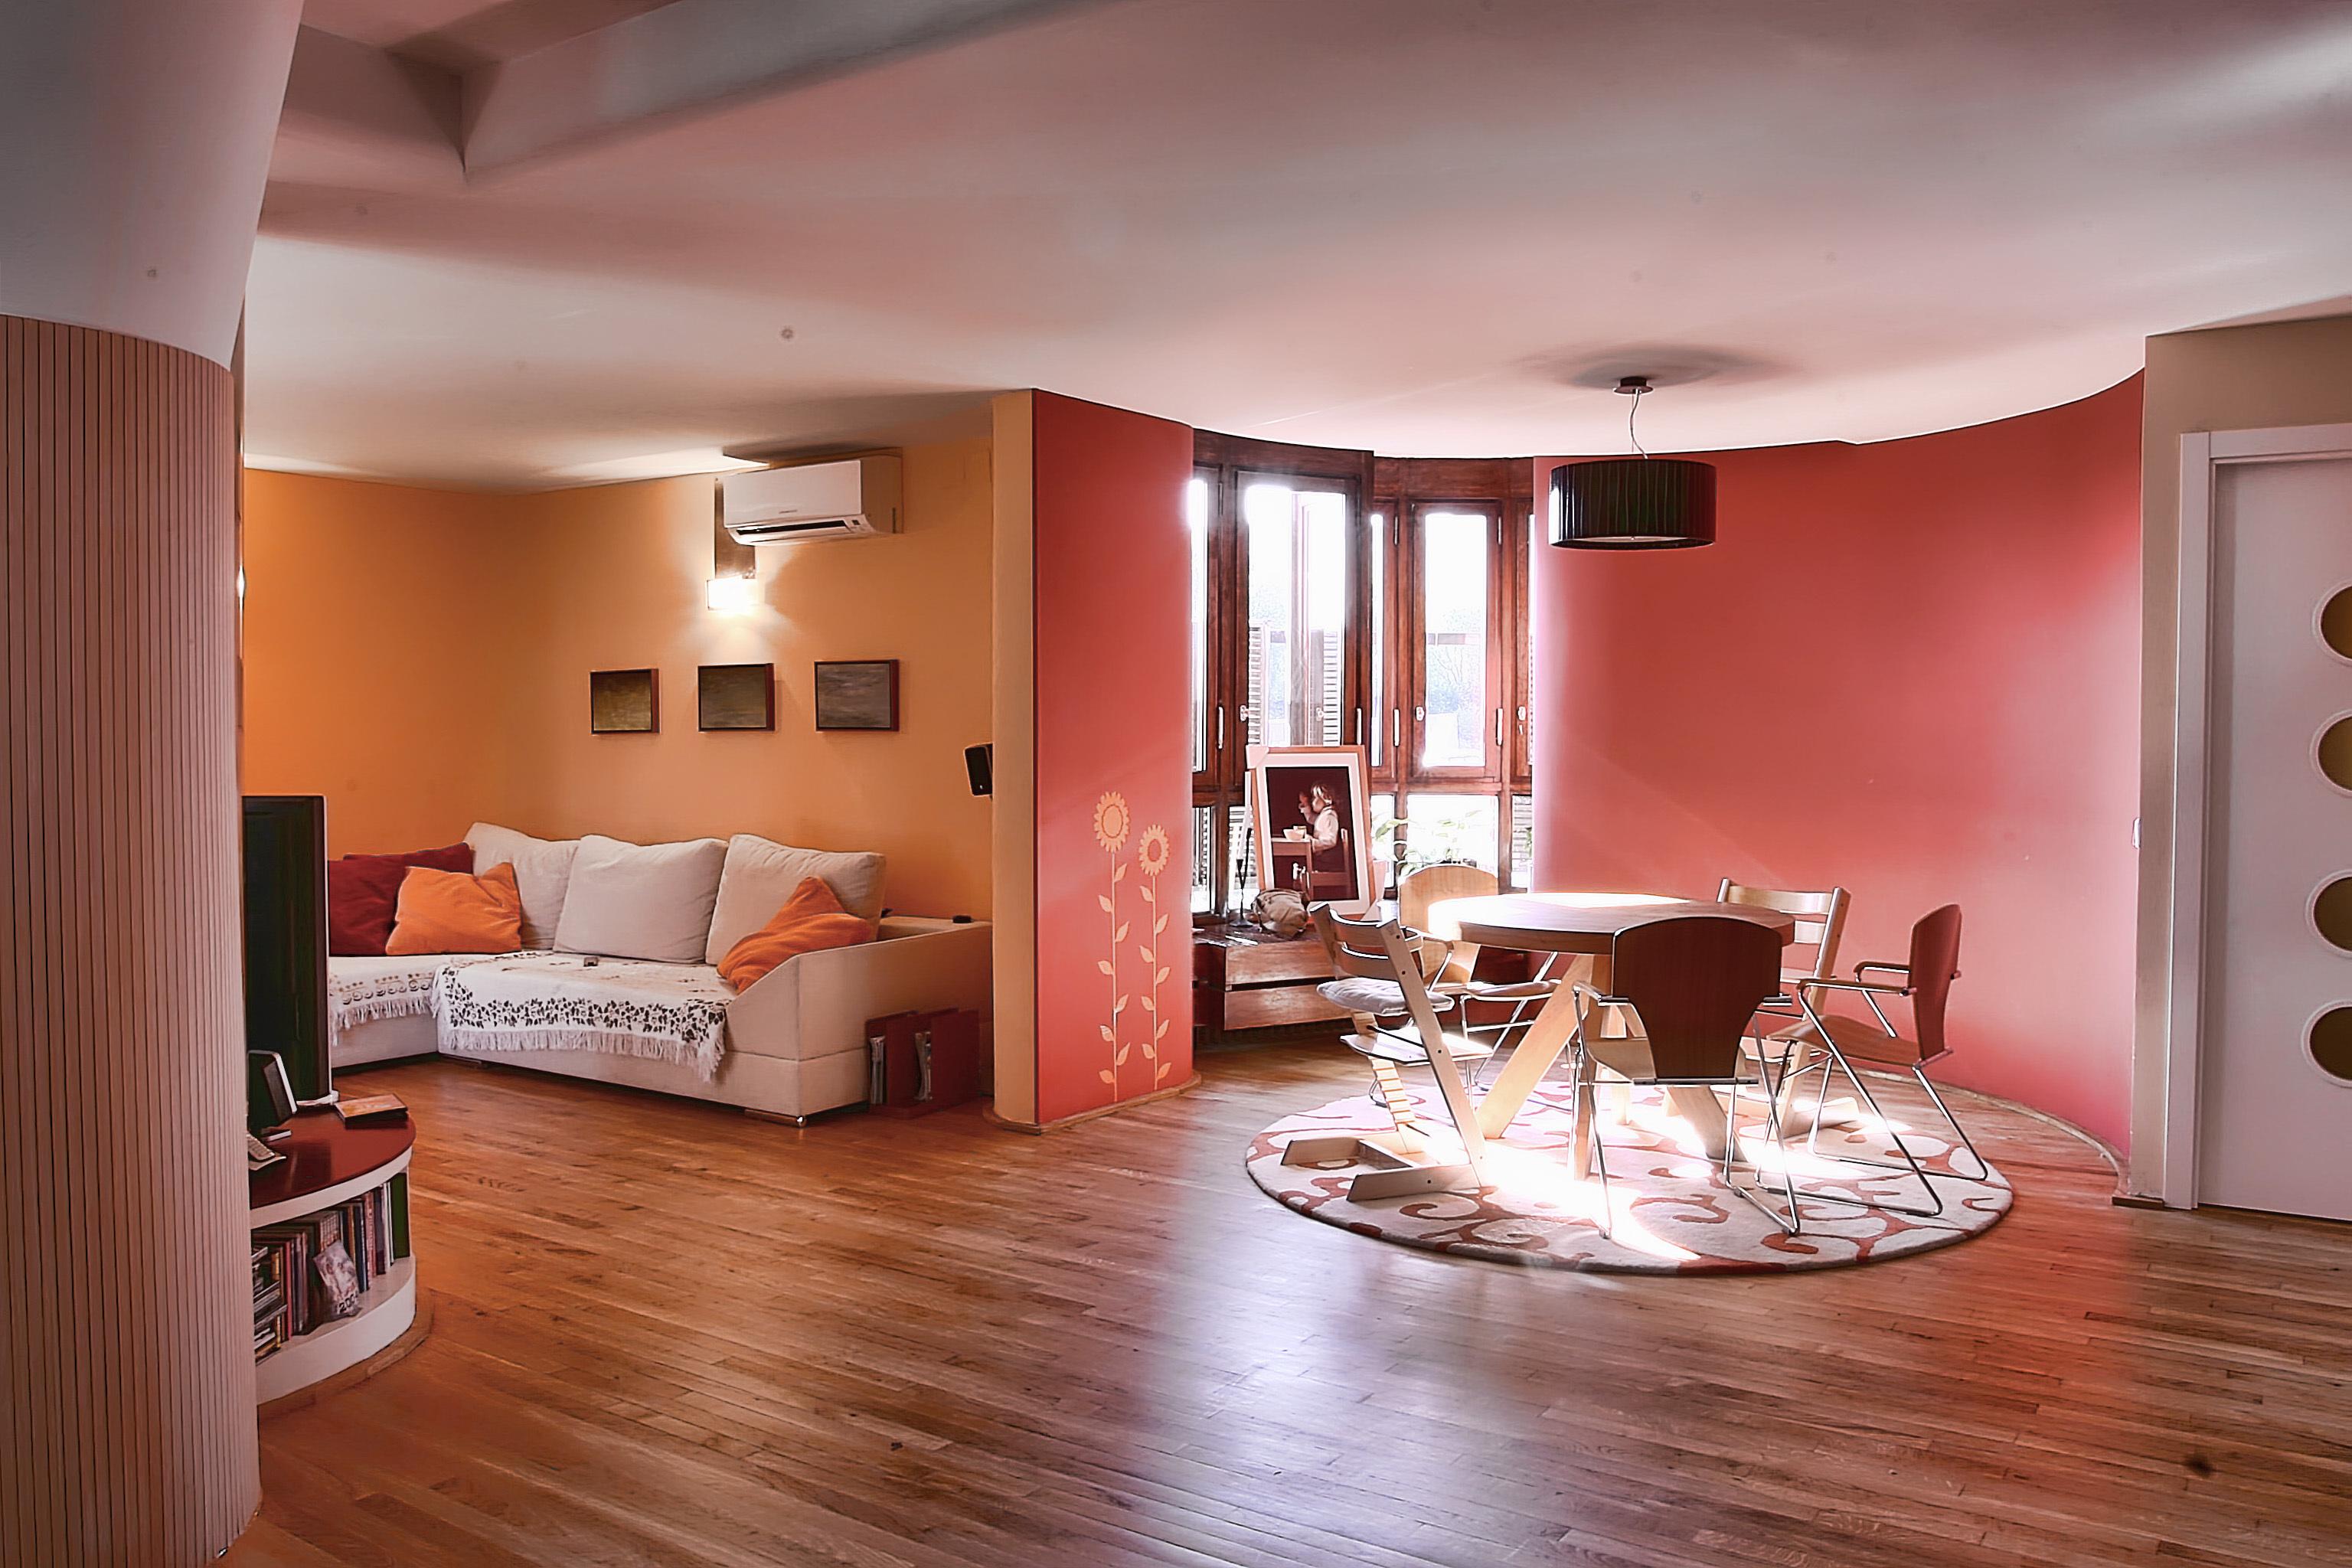 Фото дизайн интерьер жилых помещений домов